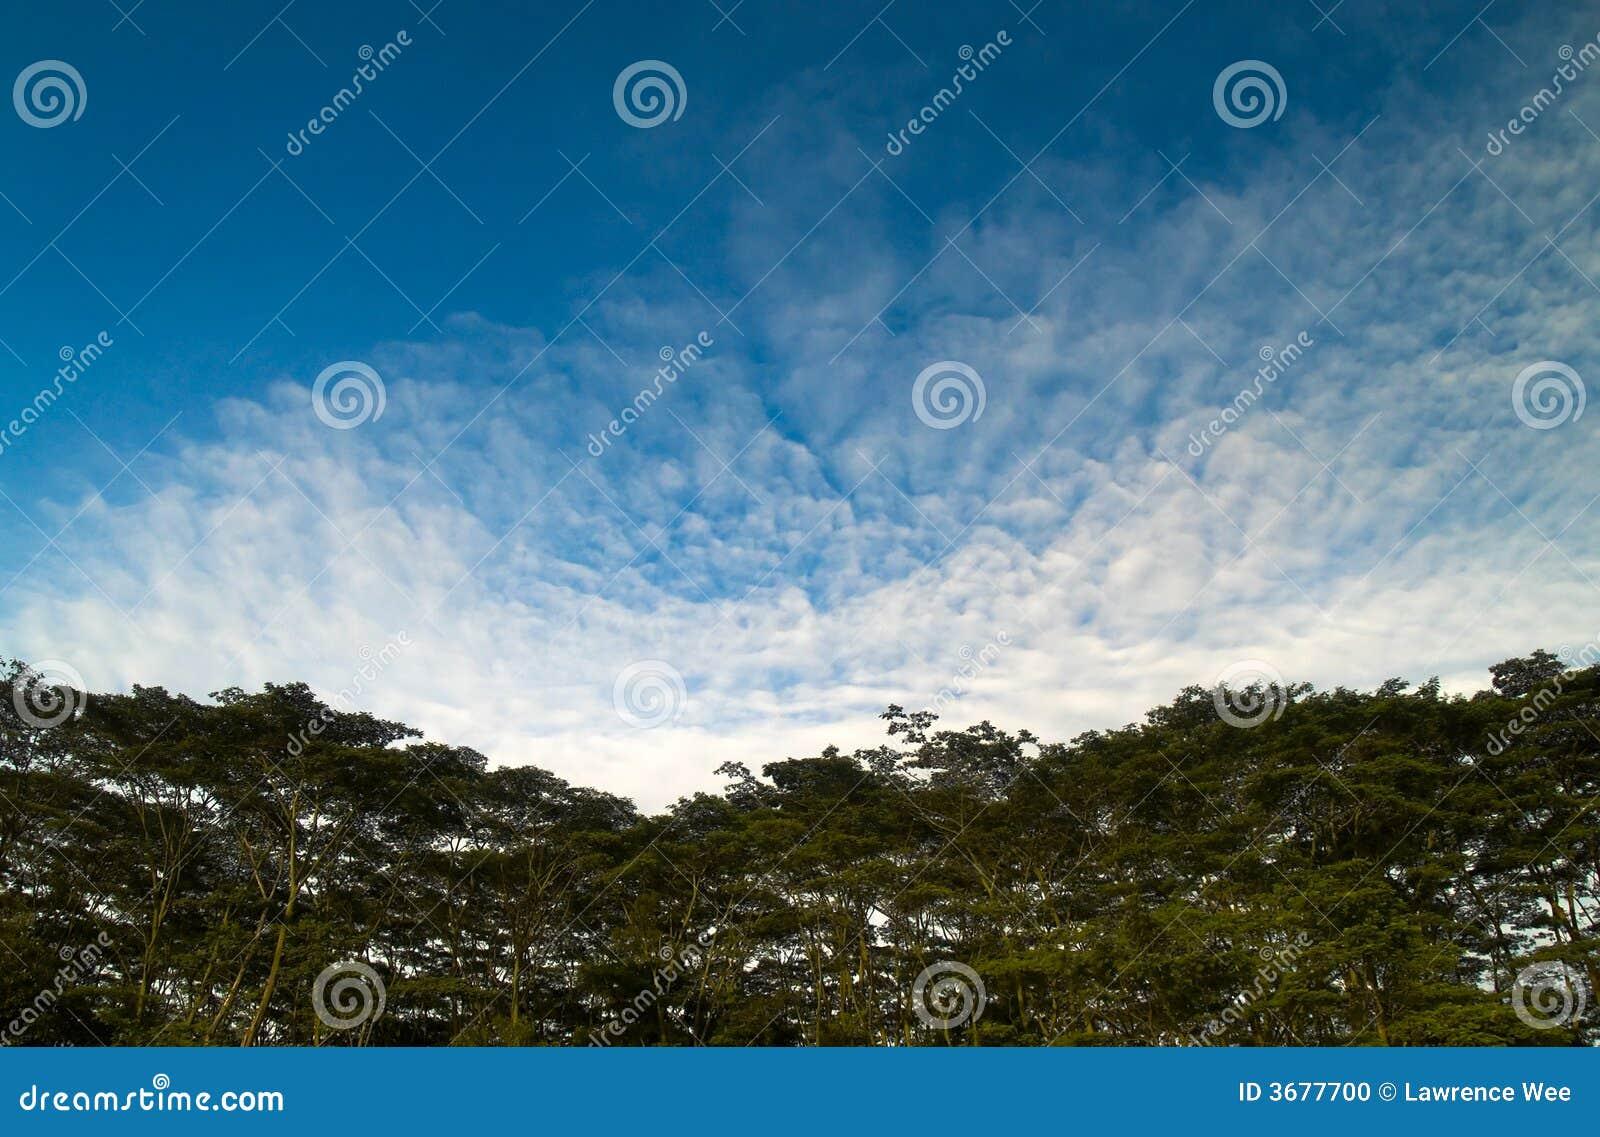 Download Nubi Sopra Le Parti Superiori Dell'albero Fotografia Stock - Immagine di denso, cumulus: 3677700